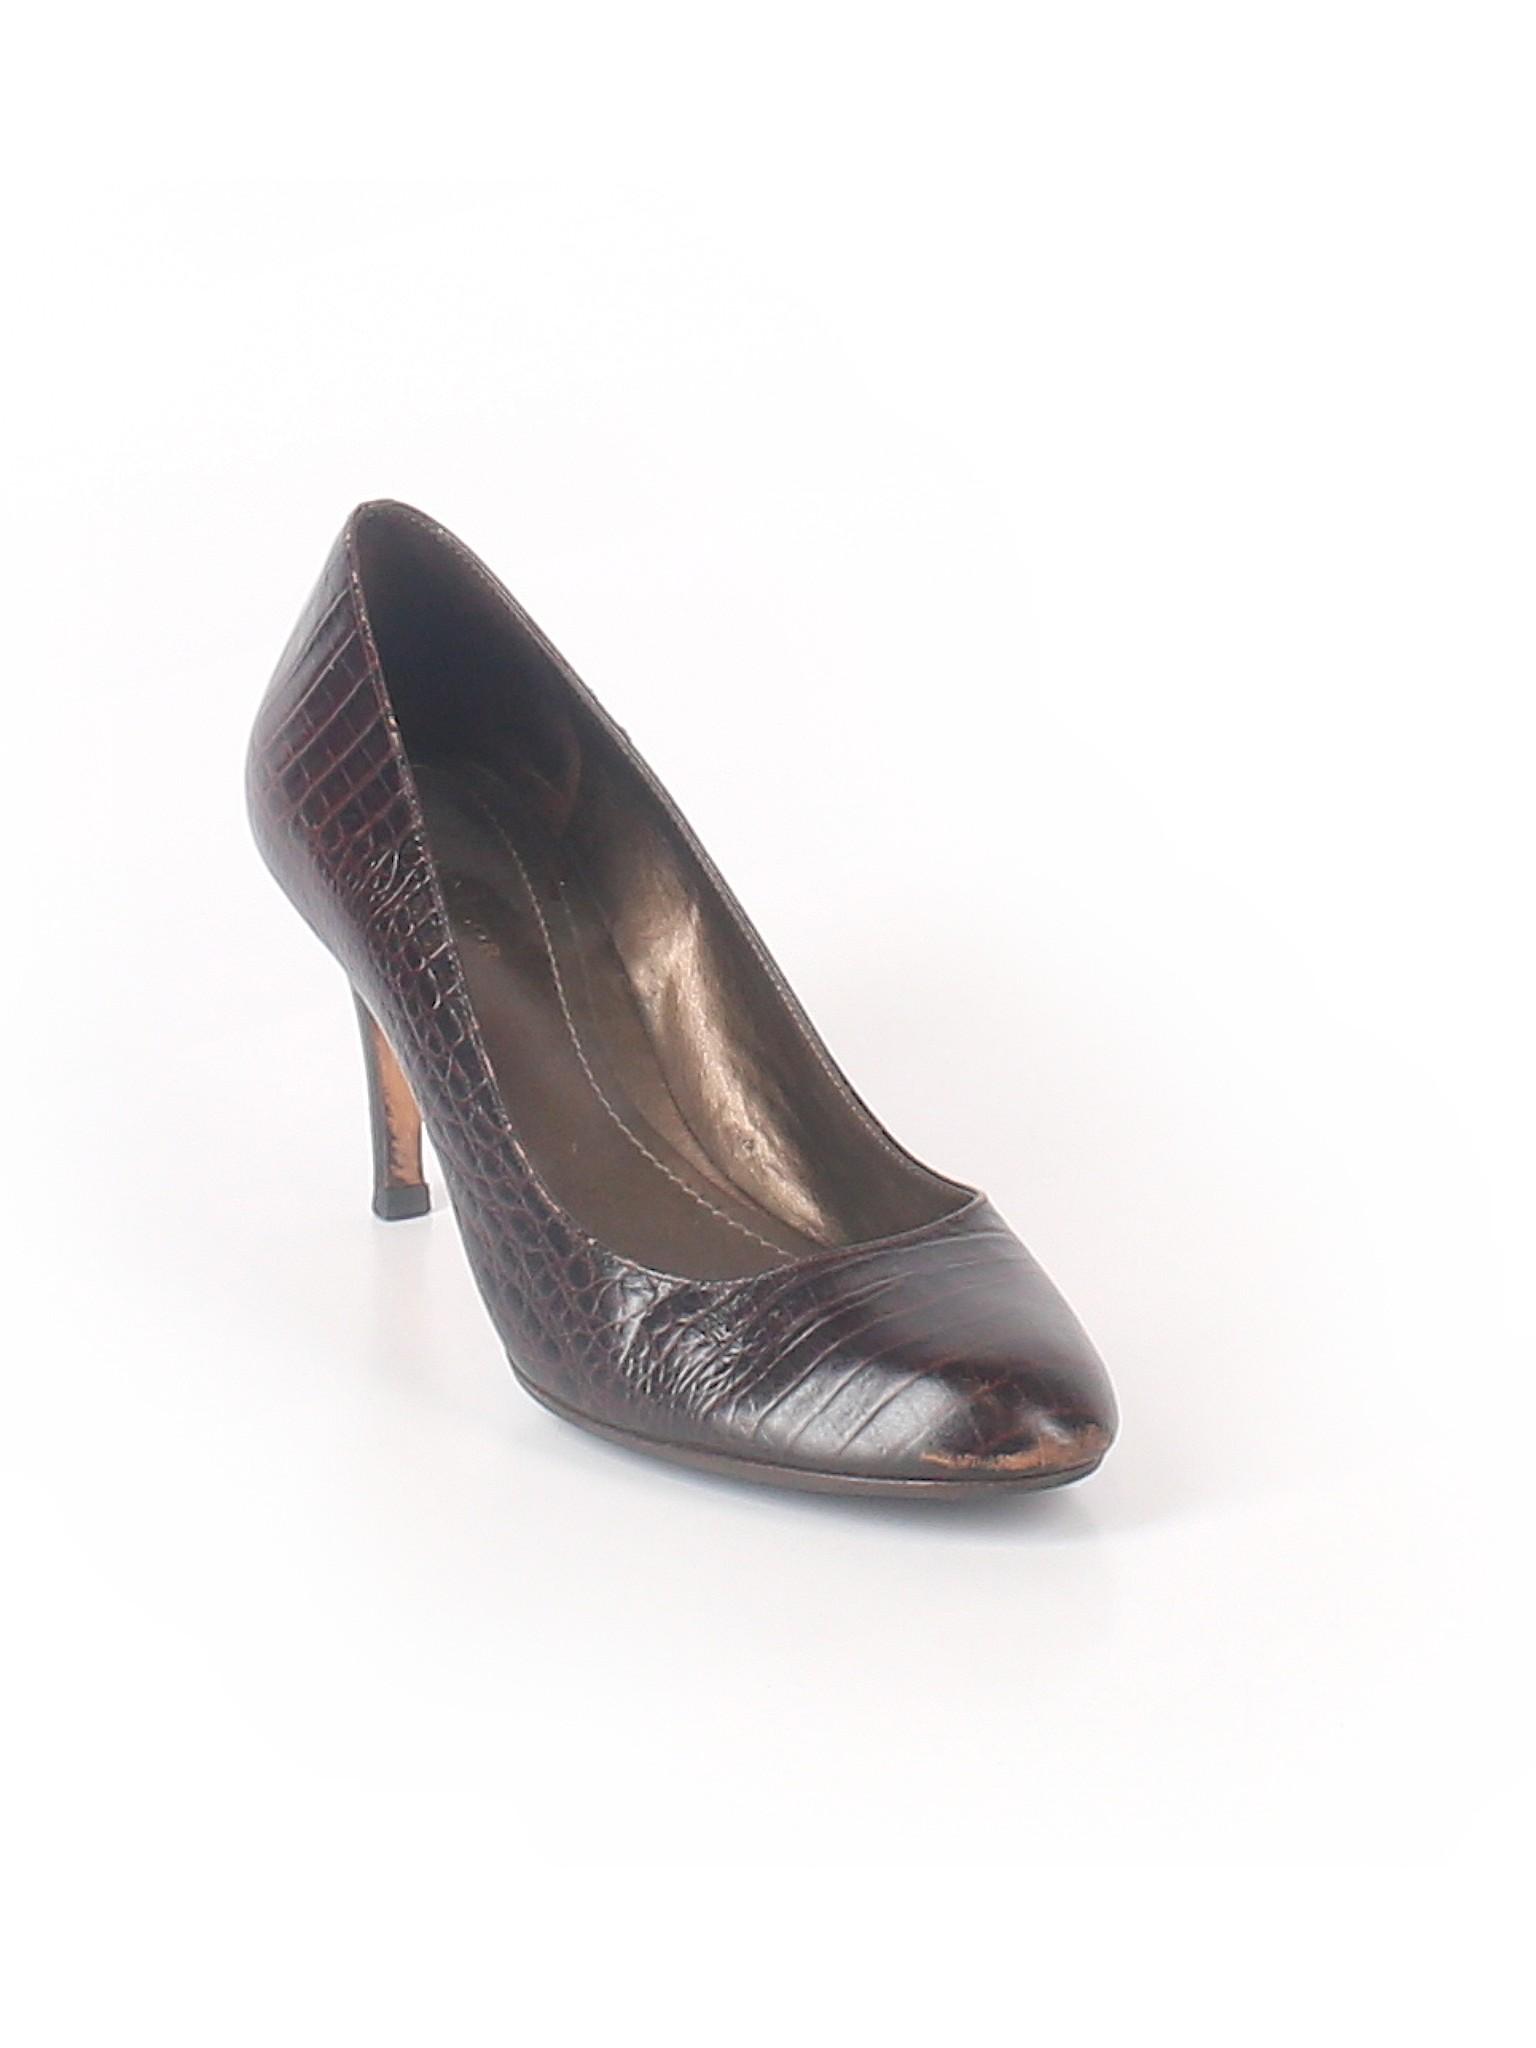 Ann Boutique Boutique promotion Taylor promotion Heels OvqwxSR0g